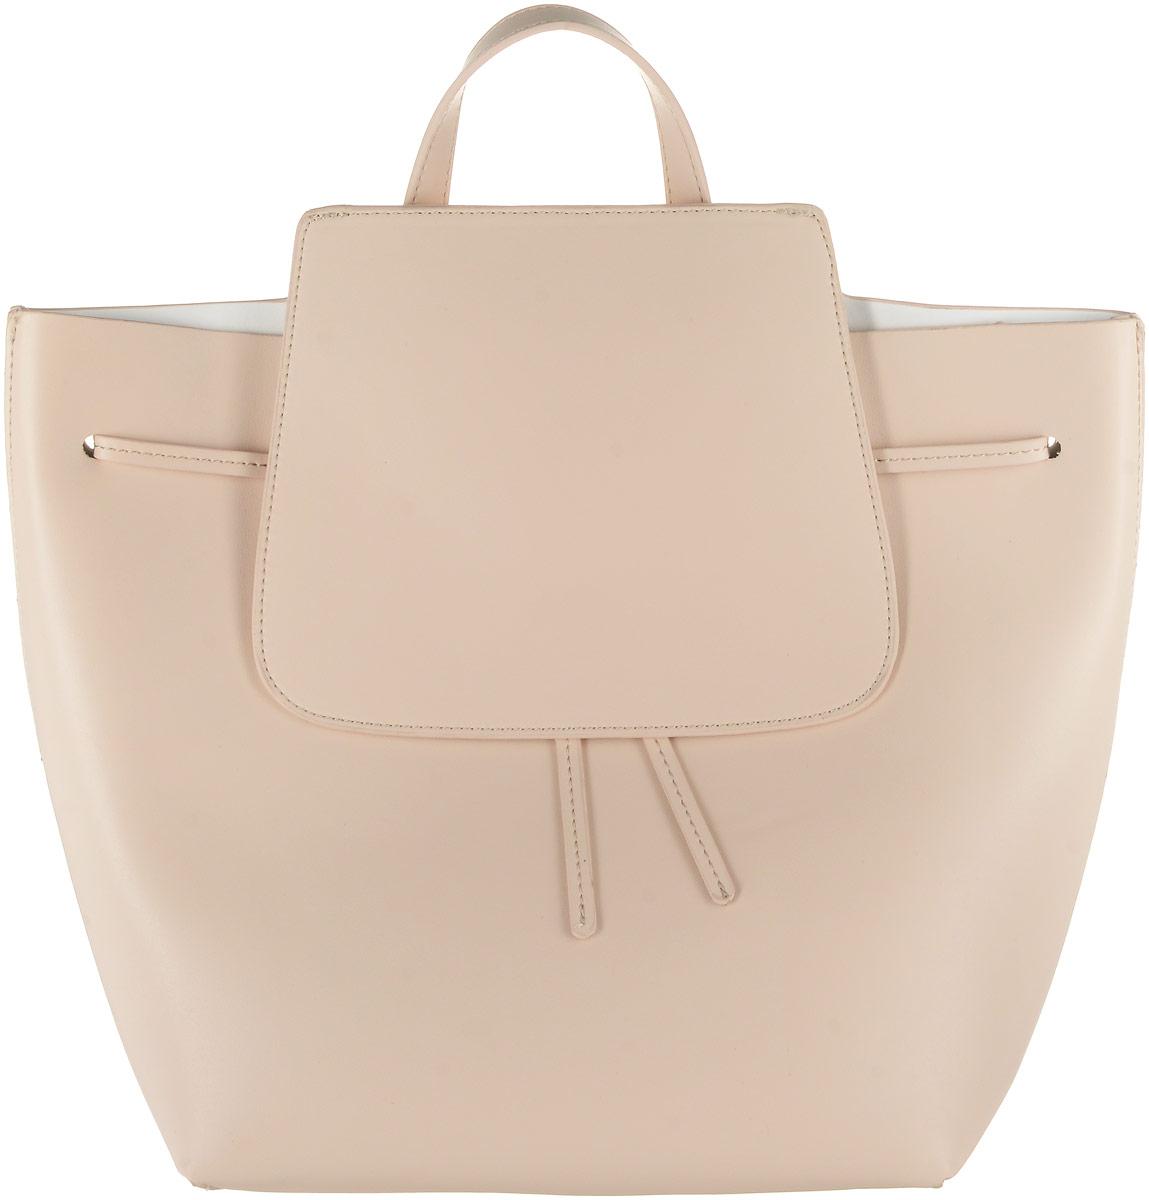 Рюкзак женский Vitacci, цвет: бежевый. HG0014HG0014Стильный женский рюкзак Vitacci выполнен из искусственной кожи. Рюкзак имеетодно основное отделение, которое закрывается на затягивающийся шнурок иклапан смагнитной кнопкой. Внутри карман на застежке-молнии. Рюкзак оснащендвумя регулируемыми по длине лямками и петлей для подвешивания.